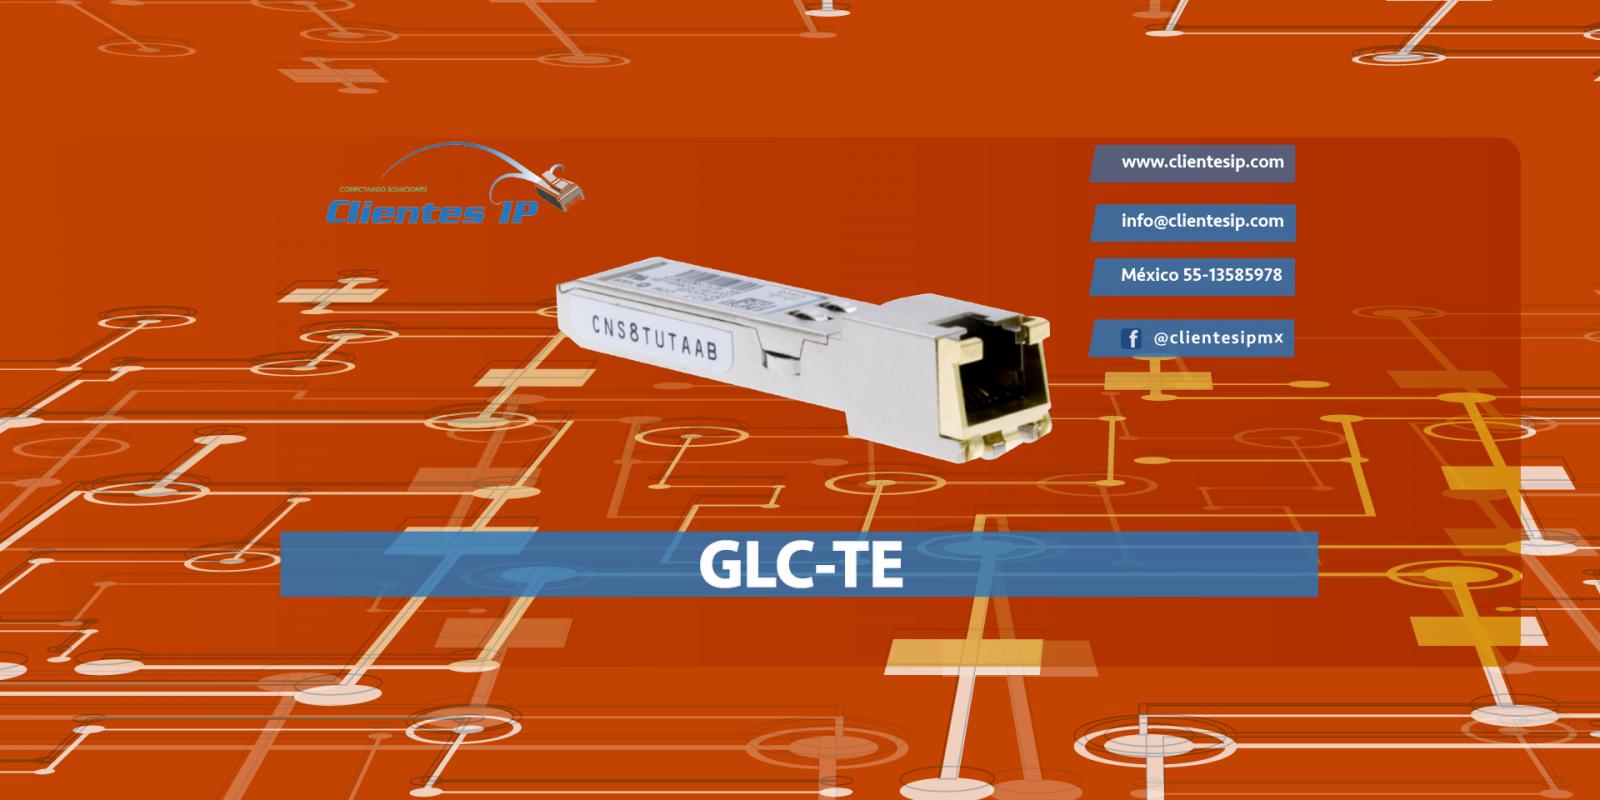 GLC-TE